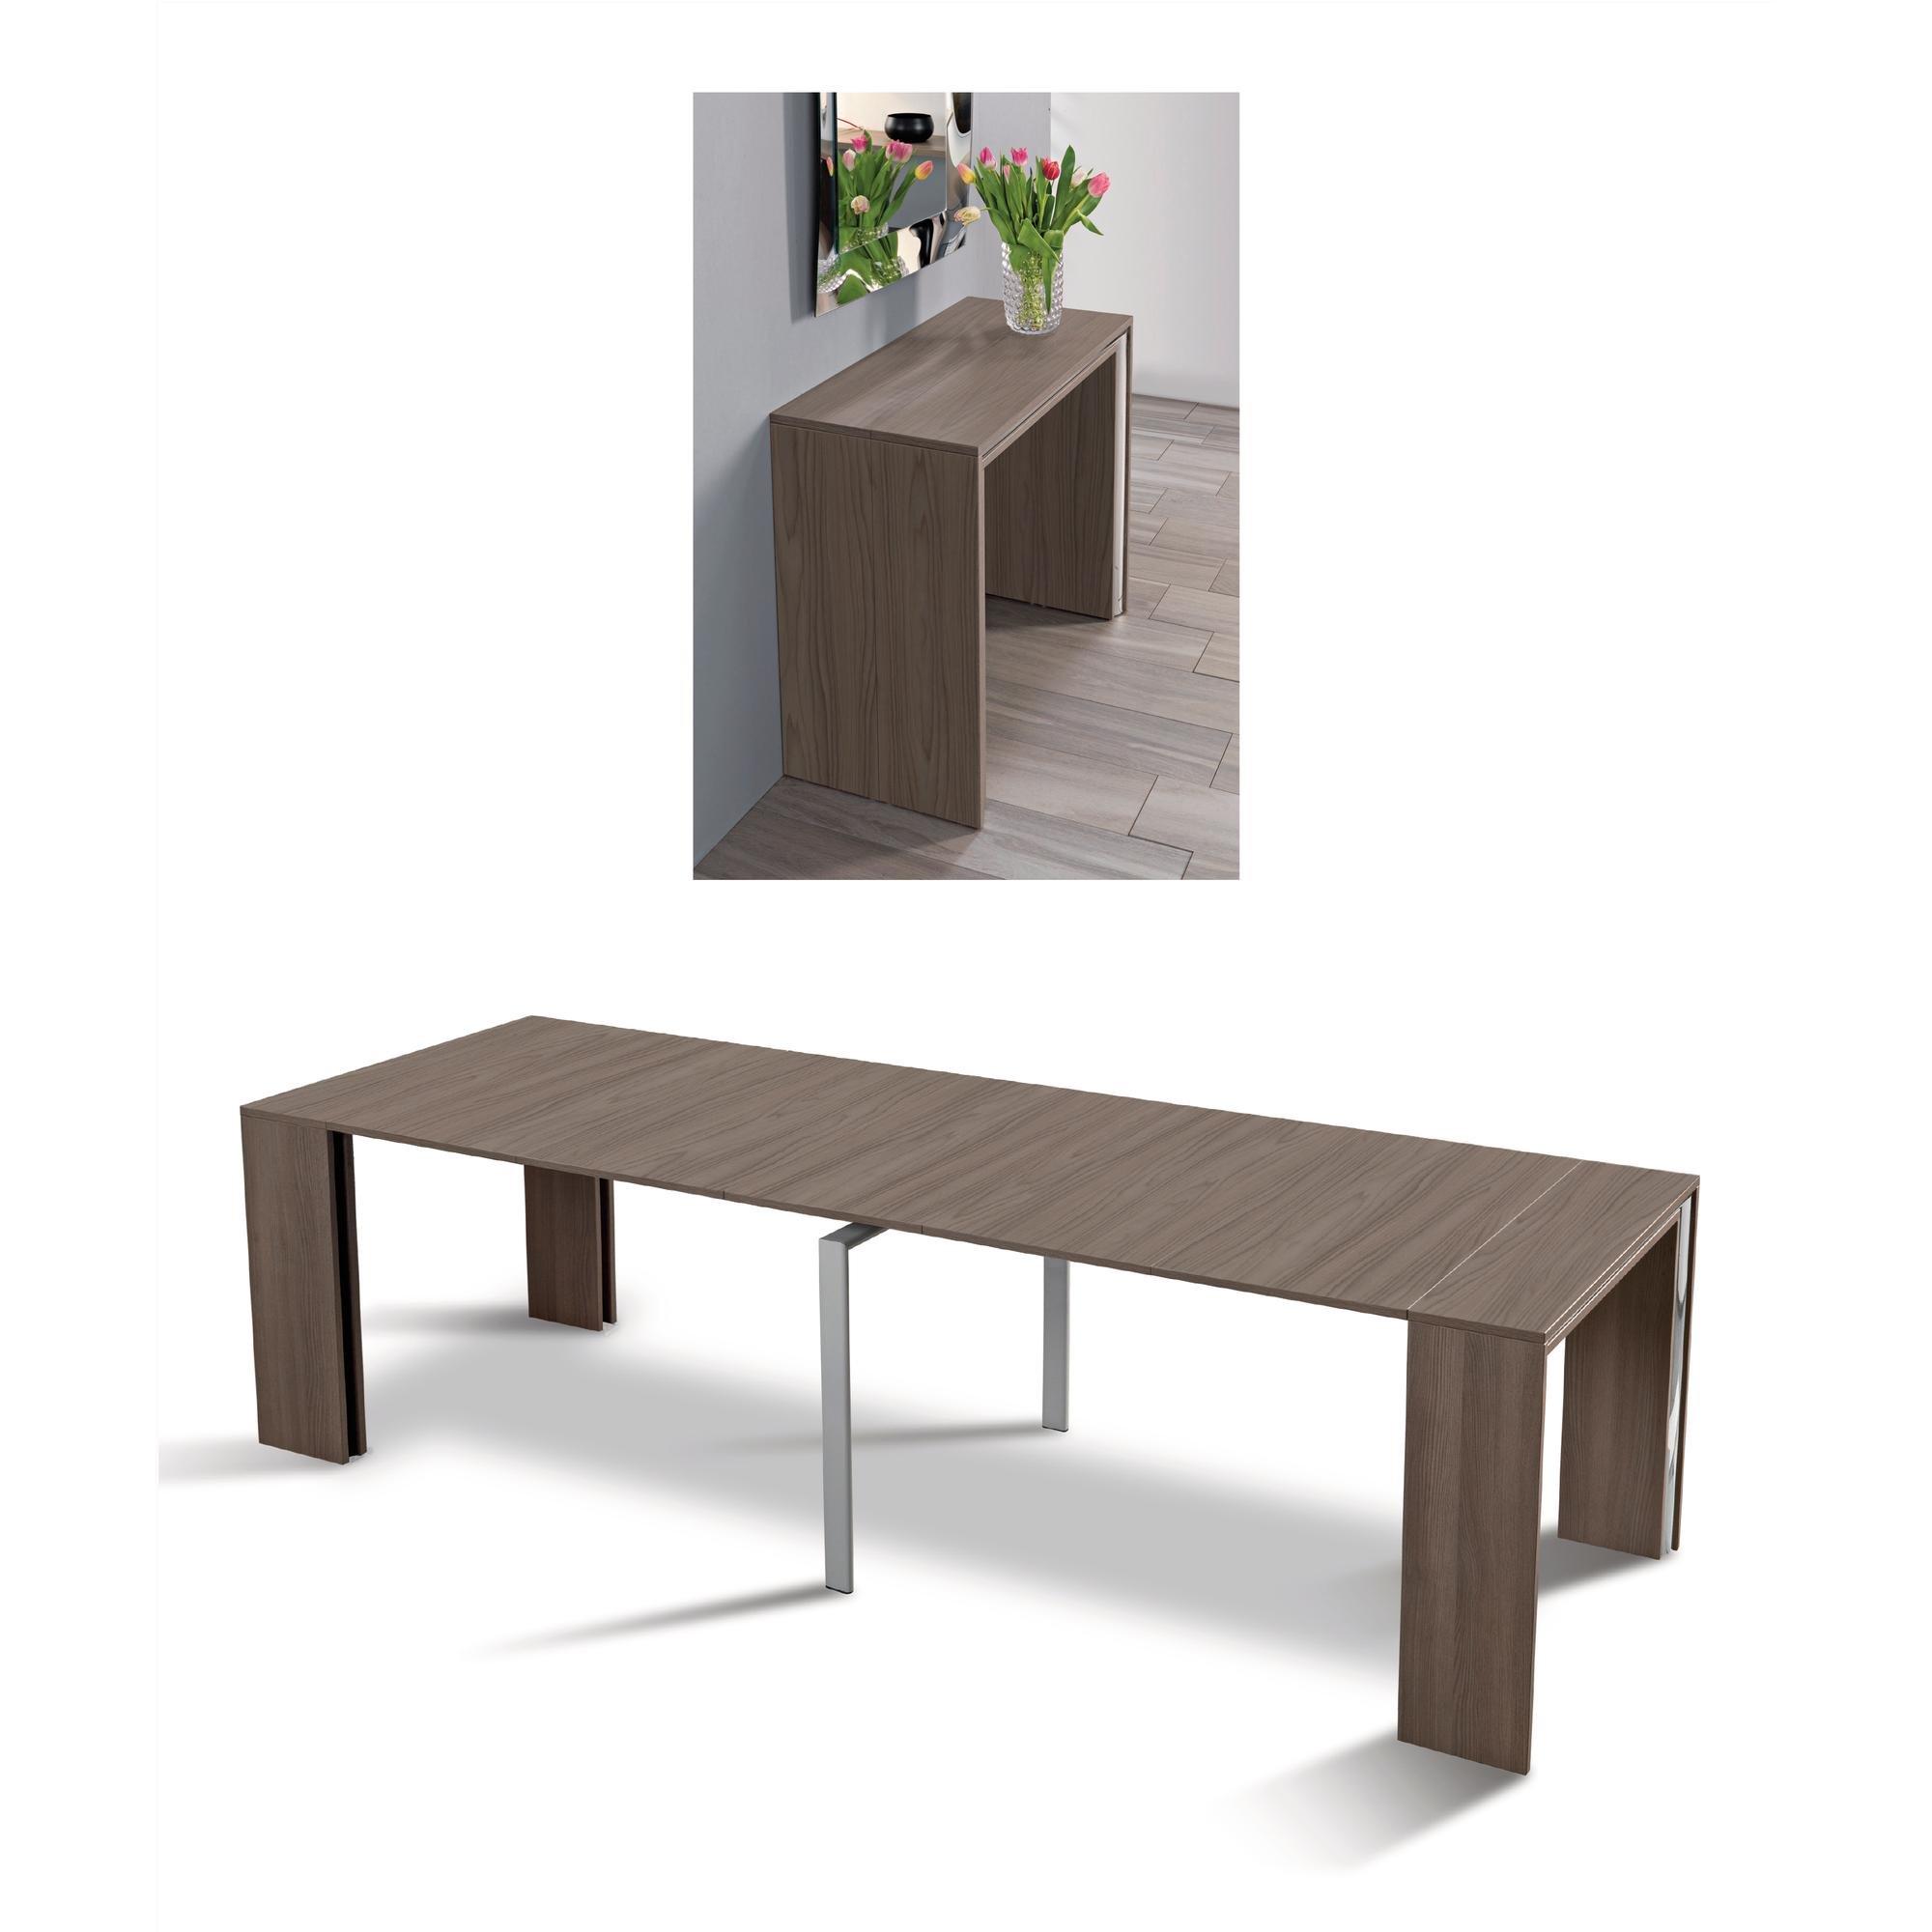 Tavolo consolle allungabile (5 allunghe) LEONARDO max 270 min 90 | Pezzani srl